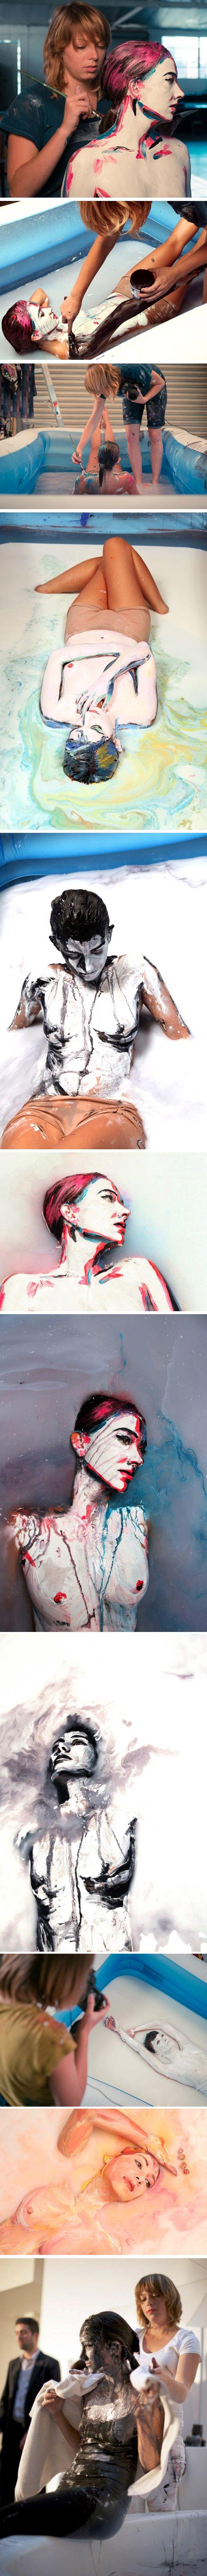 A artista Alexa Meade resolveu inovar na sua arte de uma forma um tanto quanto excêntrica - ela fez uma pintura corporal emSheila Vand, que se deitou em uma piscina cheia de leite, enquanto era fotografada. O leite foi desmanchando a tinta fazendo com que a fotógrafa tivesse que agir rápido - cada segundo era único e jamais ocorreria de novo ...